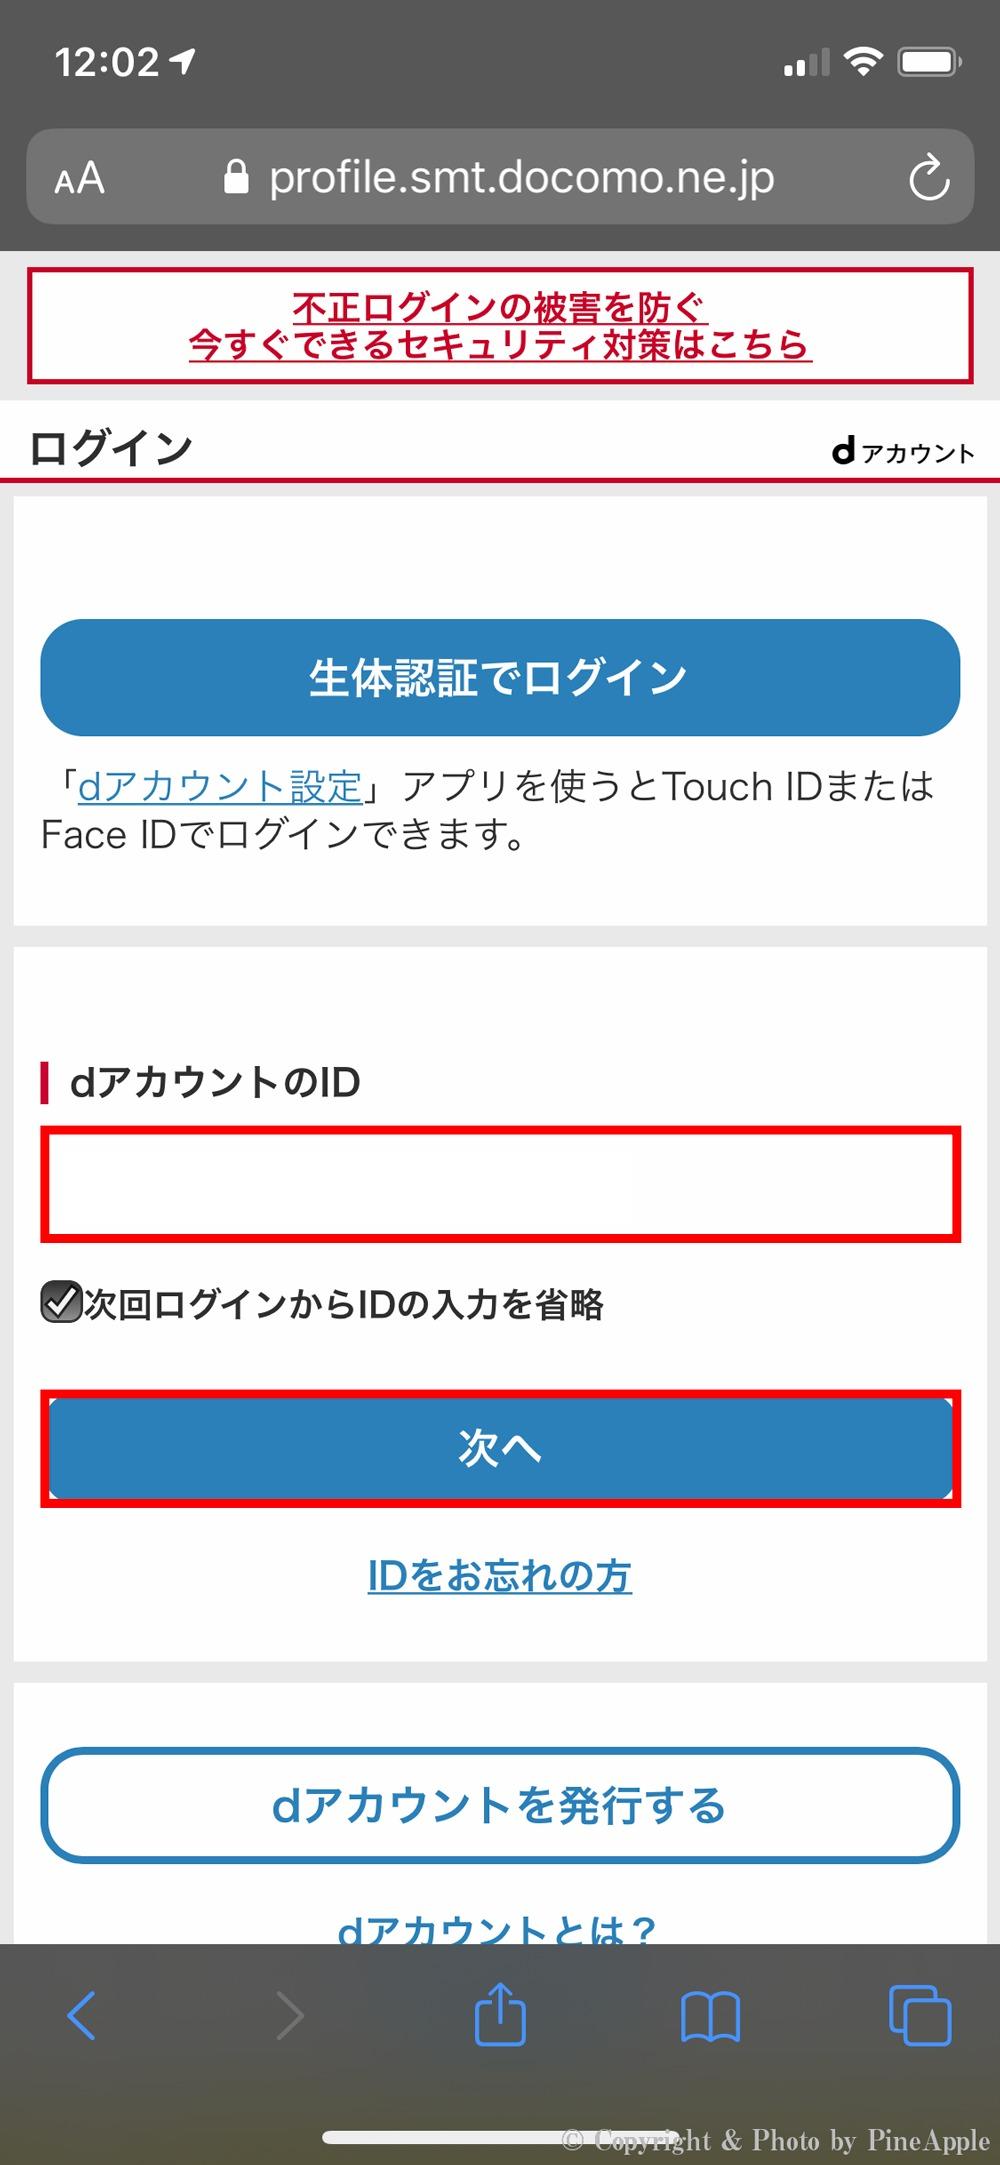 d Wi-Fi:「d アカウントの ID」を入力し、「次へ」をタップ